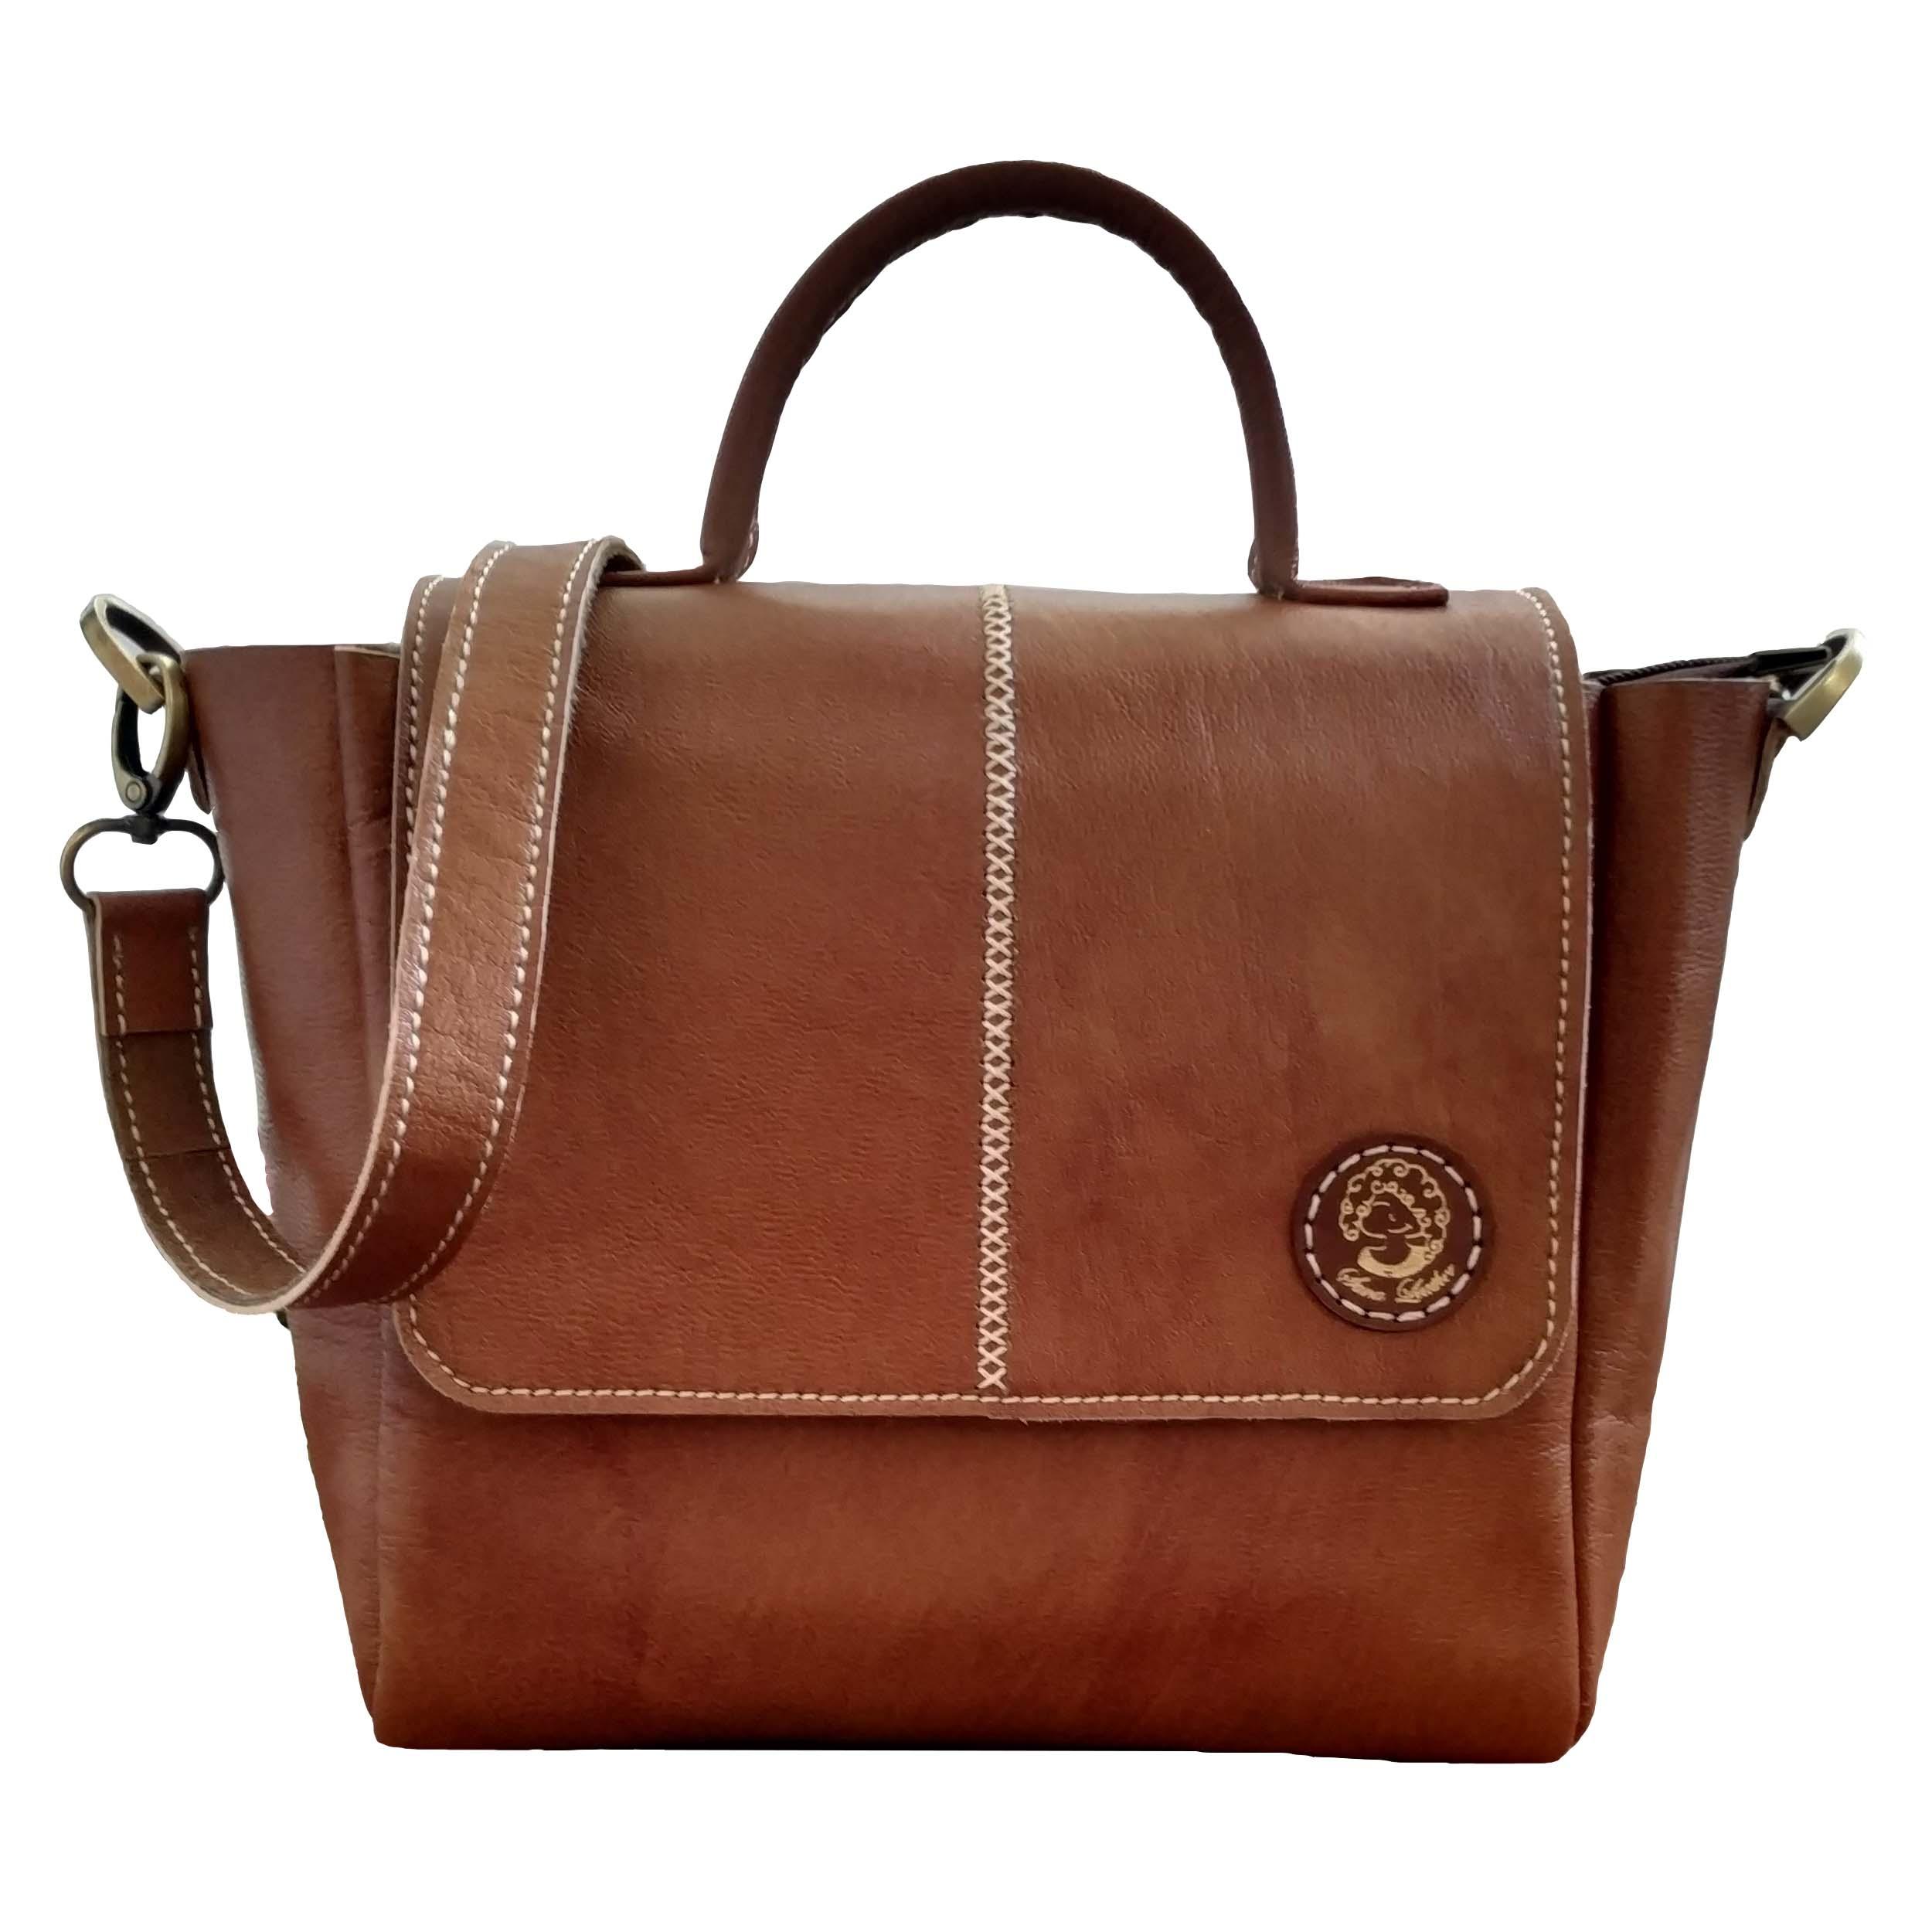 leather Briefcase Shoulder Satchel Bag, Code 125